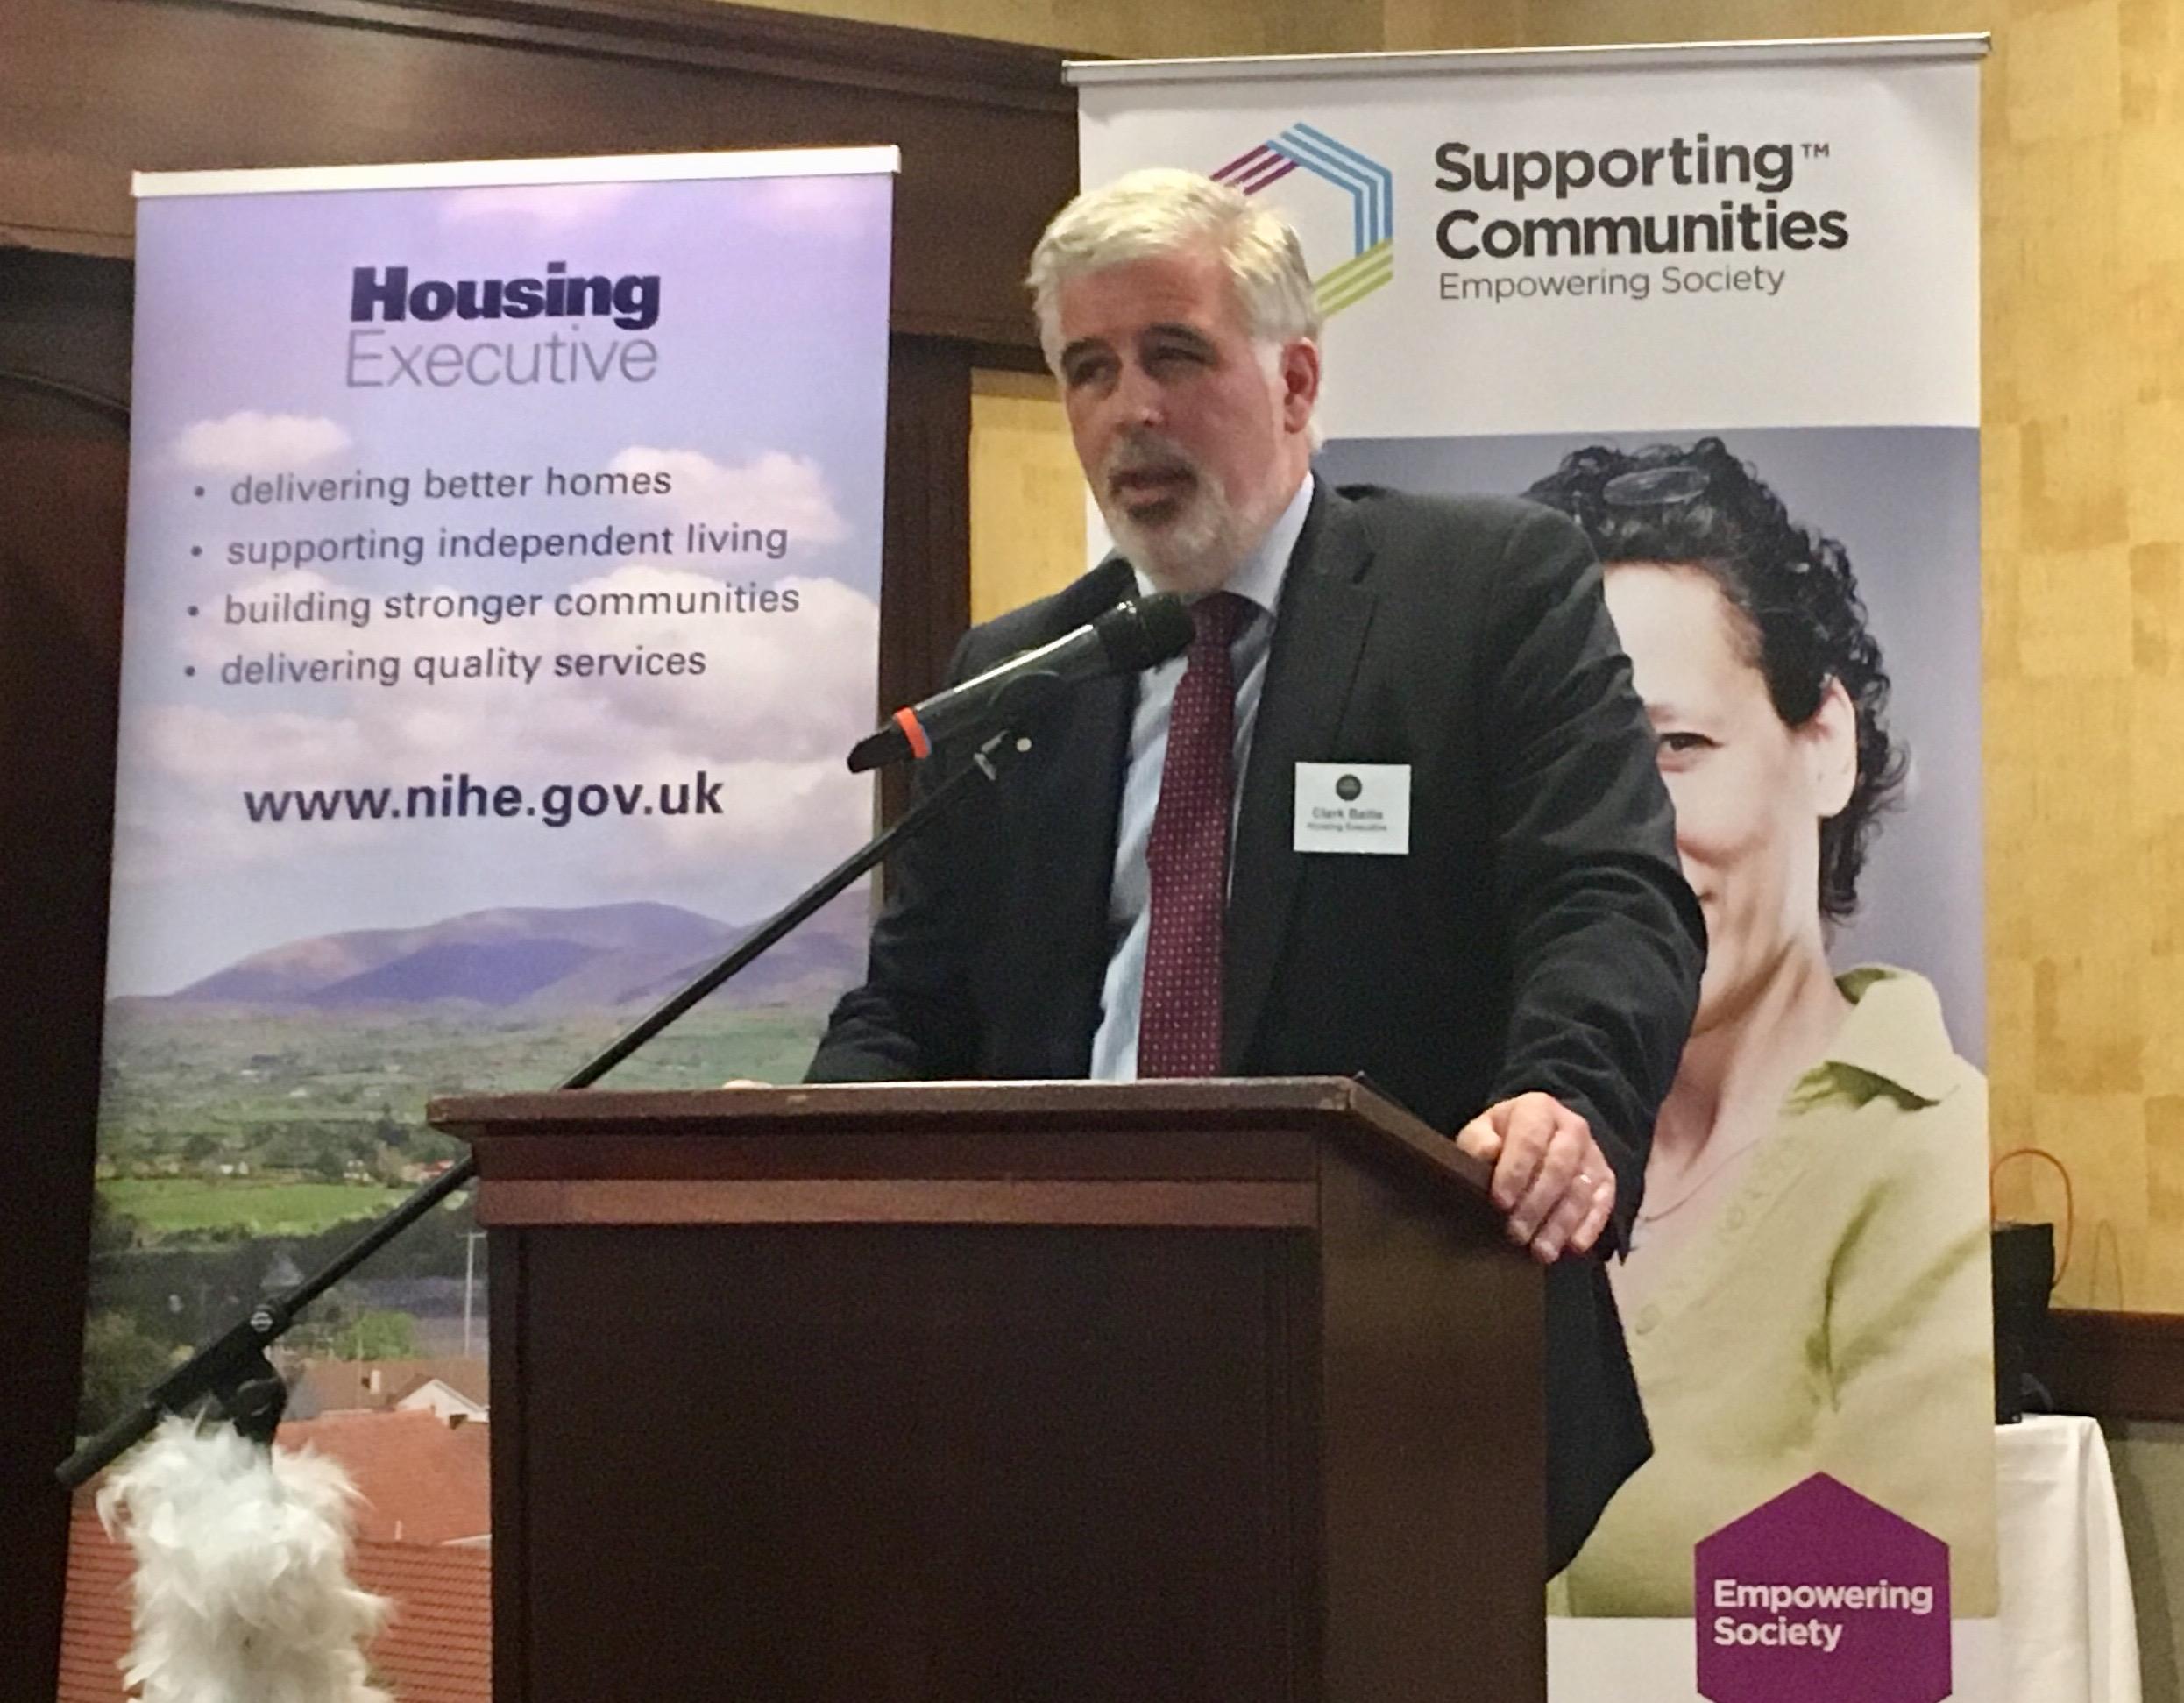 Clark Bailie, Housing Executive